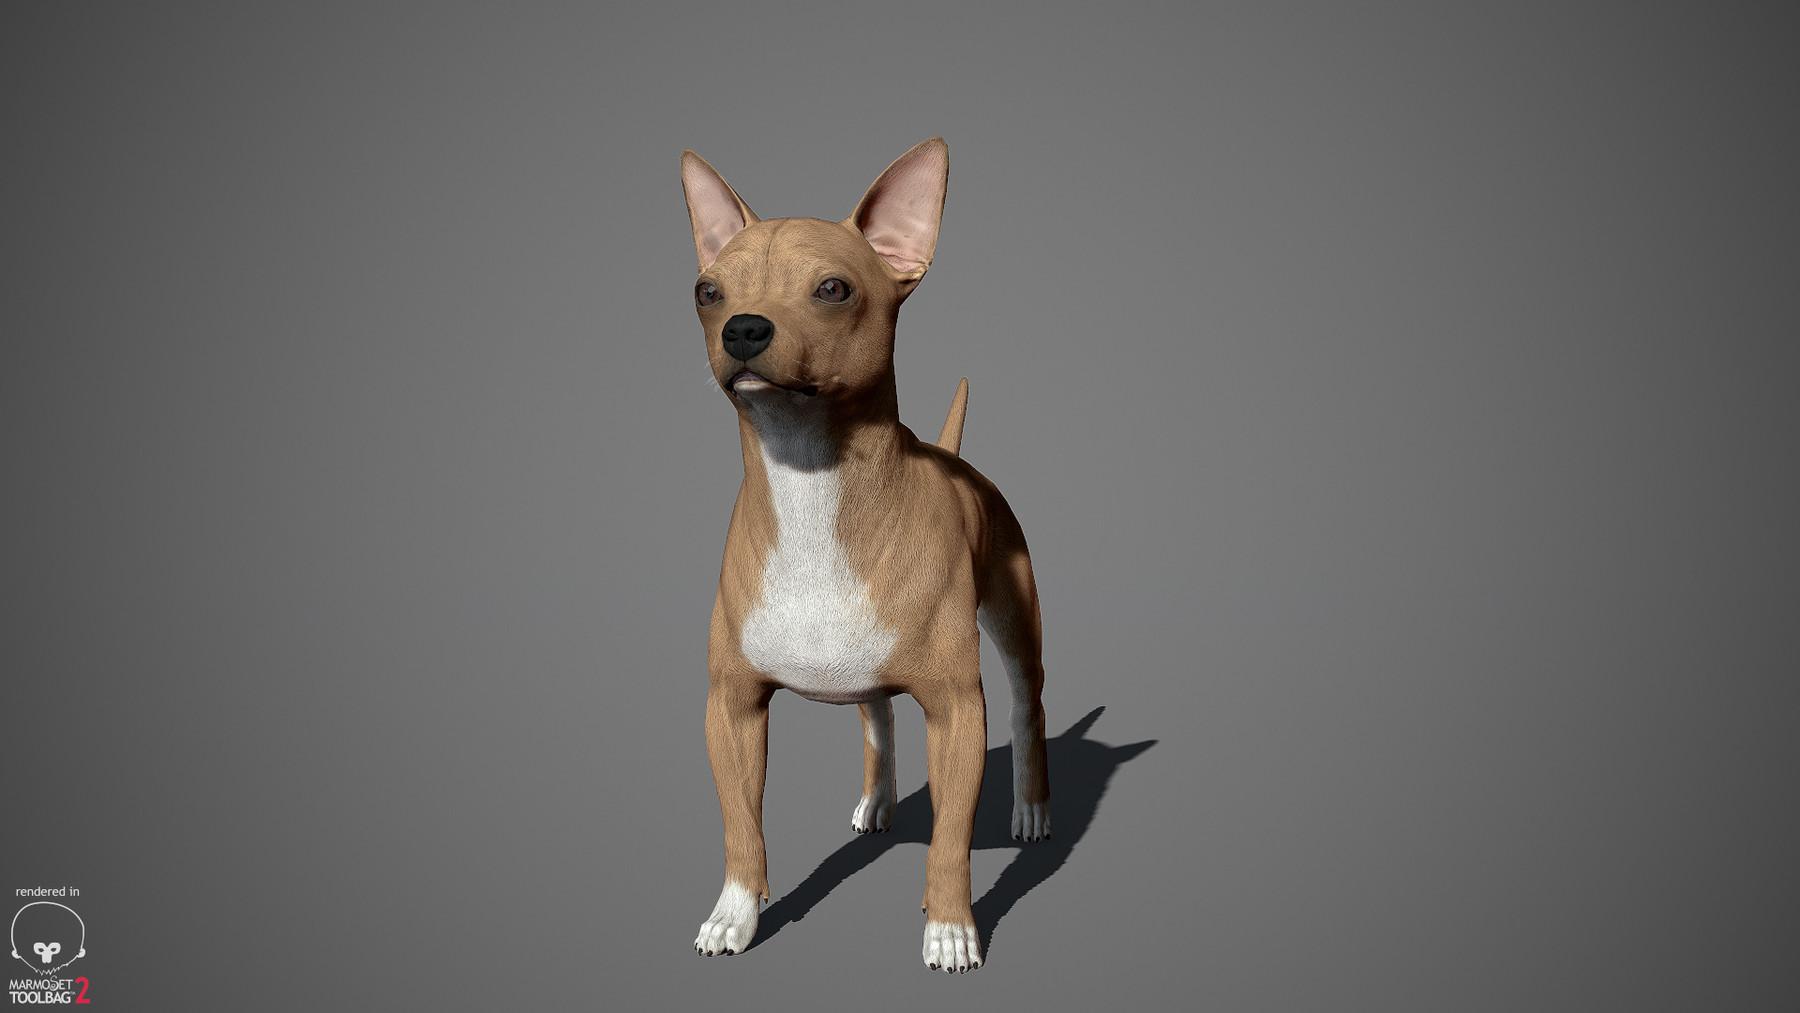 Chihuahua by alexlashko marmoset 07